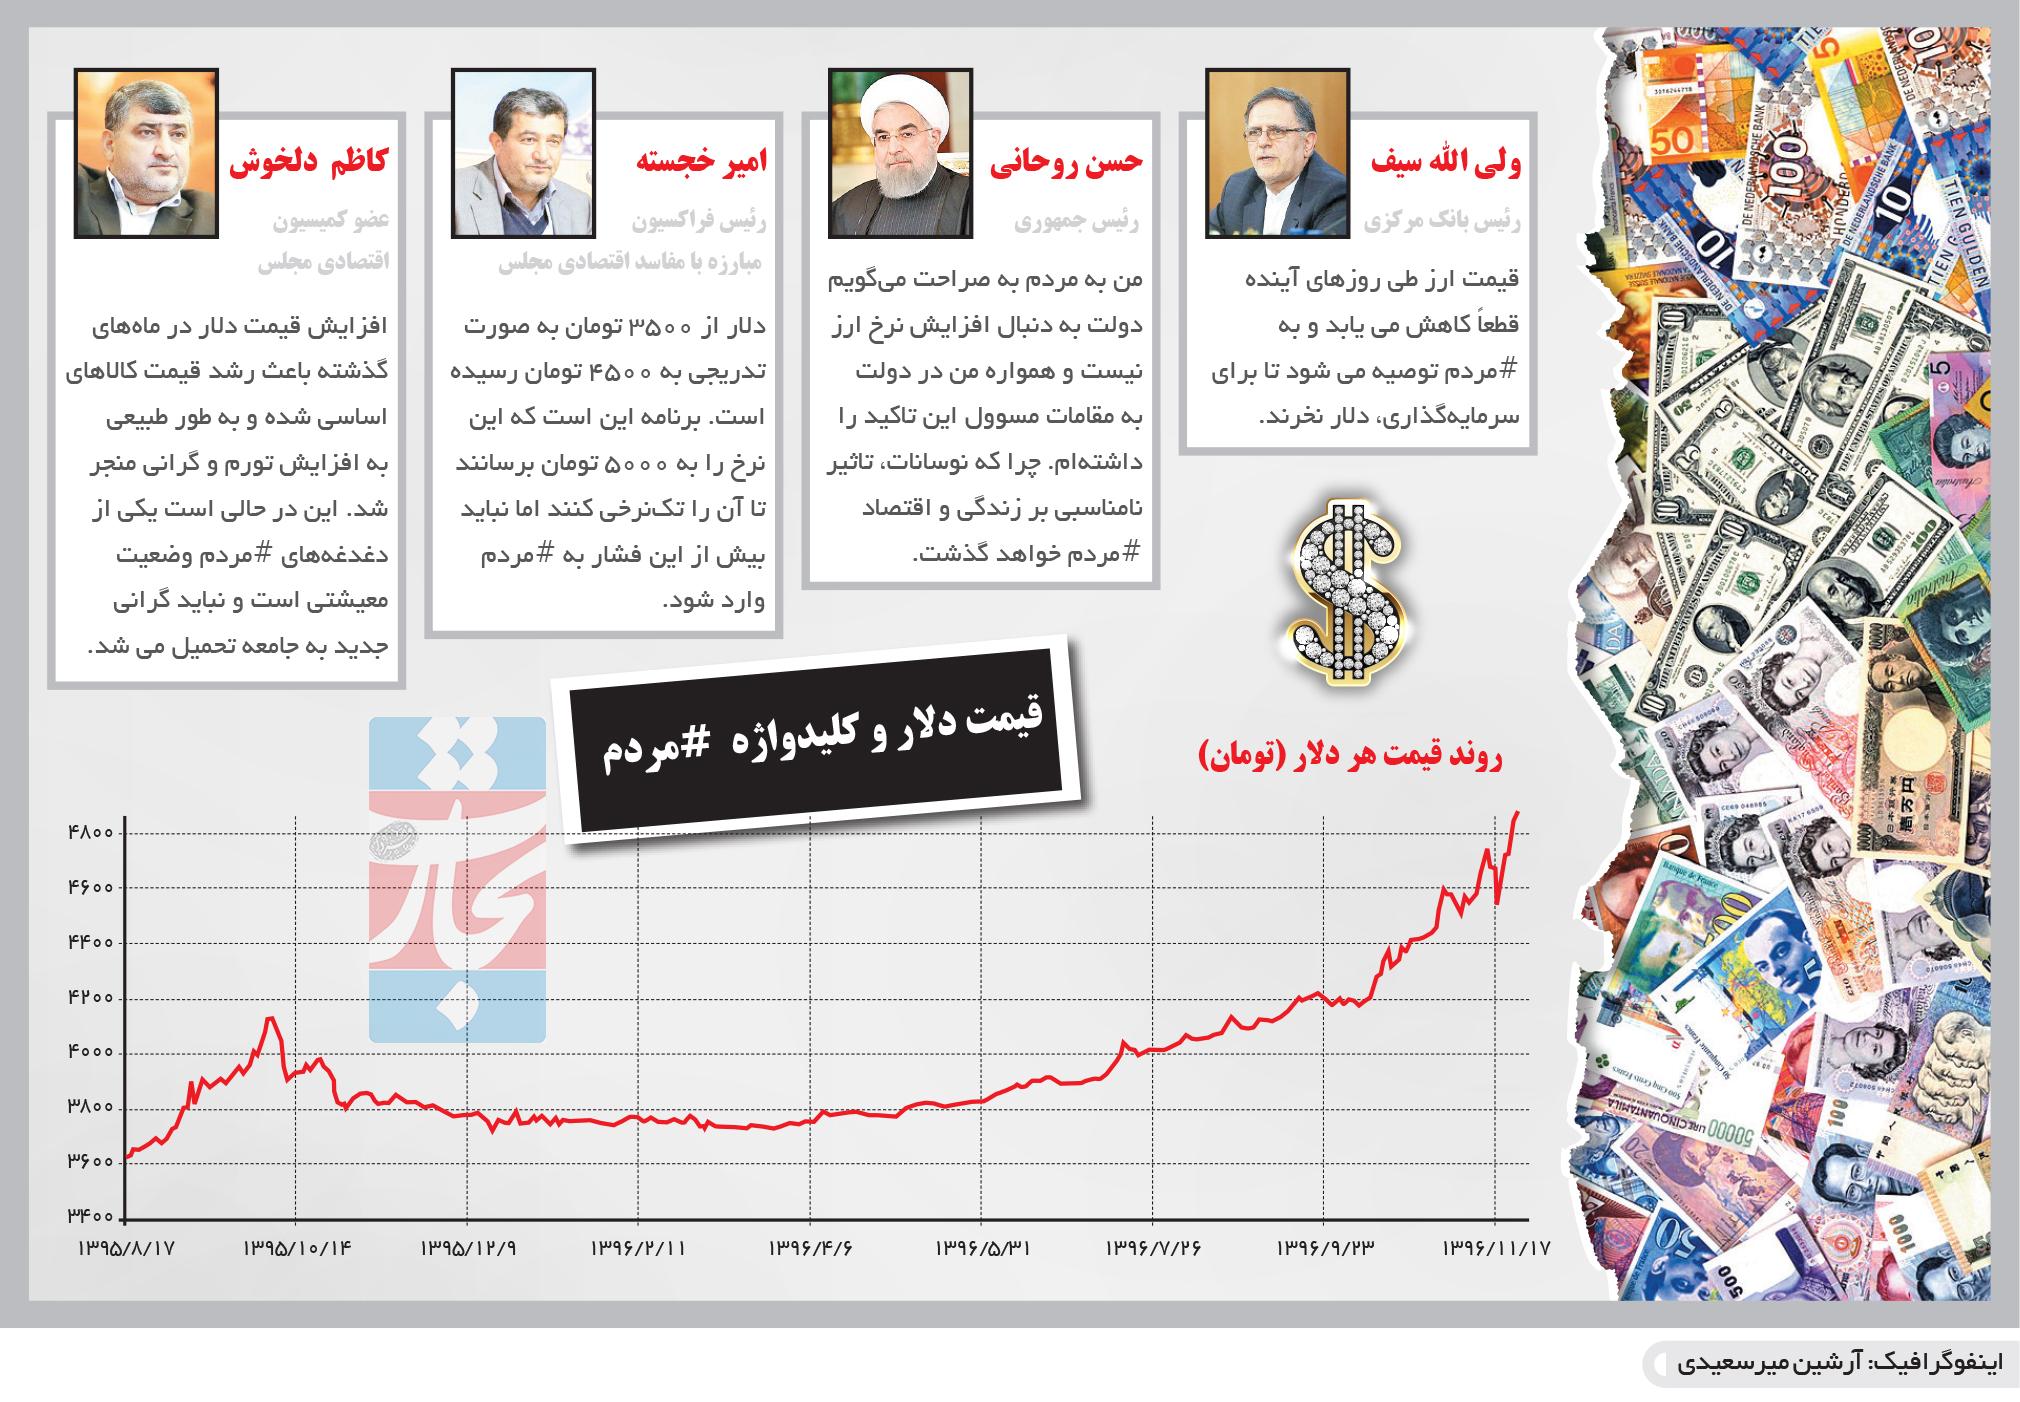 تجارت- فردا- دلهره دلار(اینفوگرافیک)